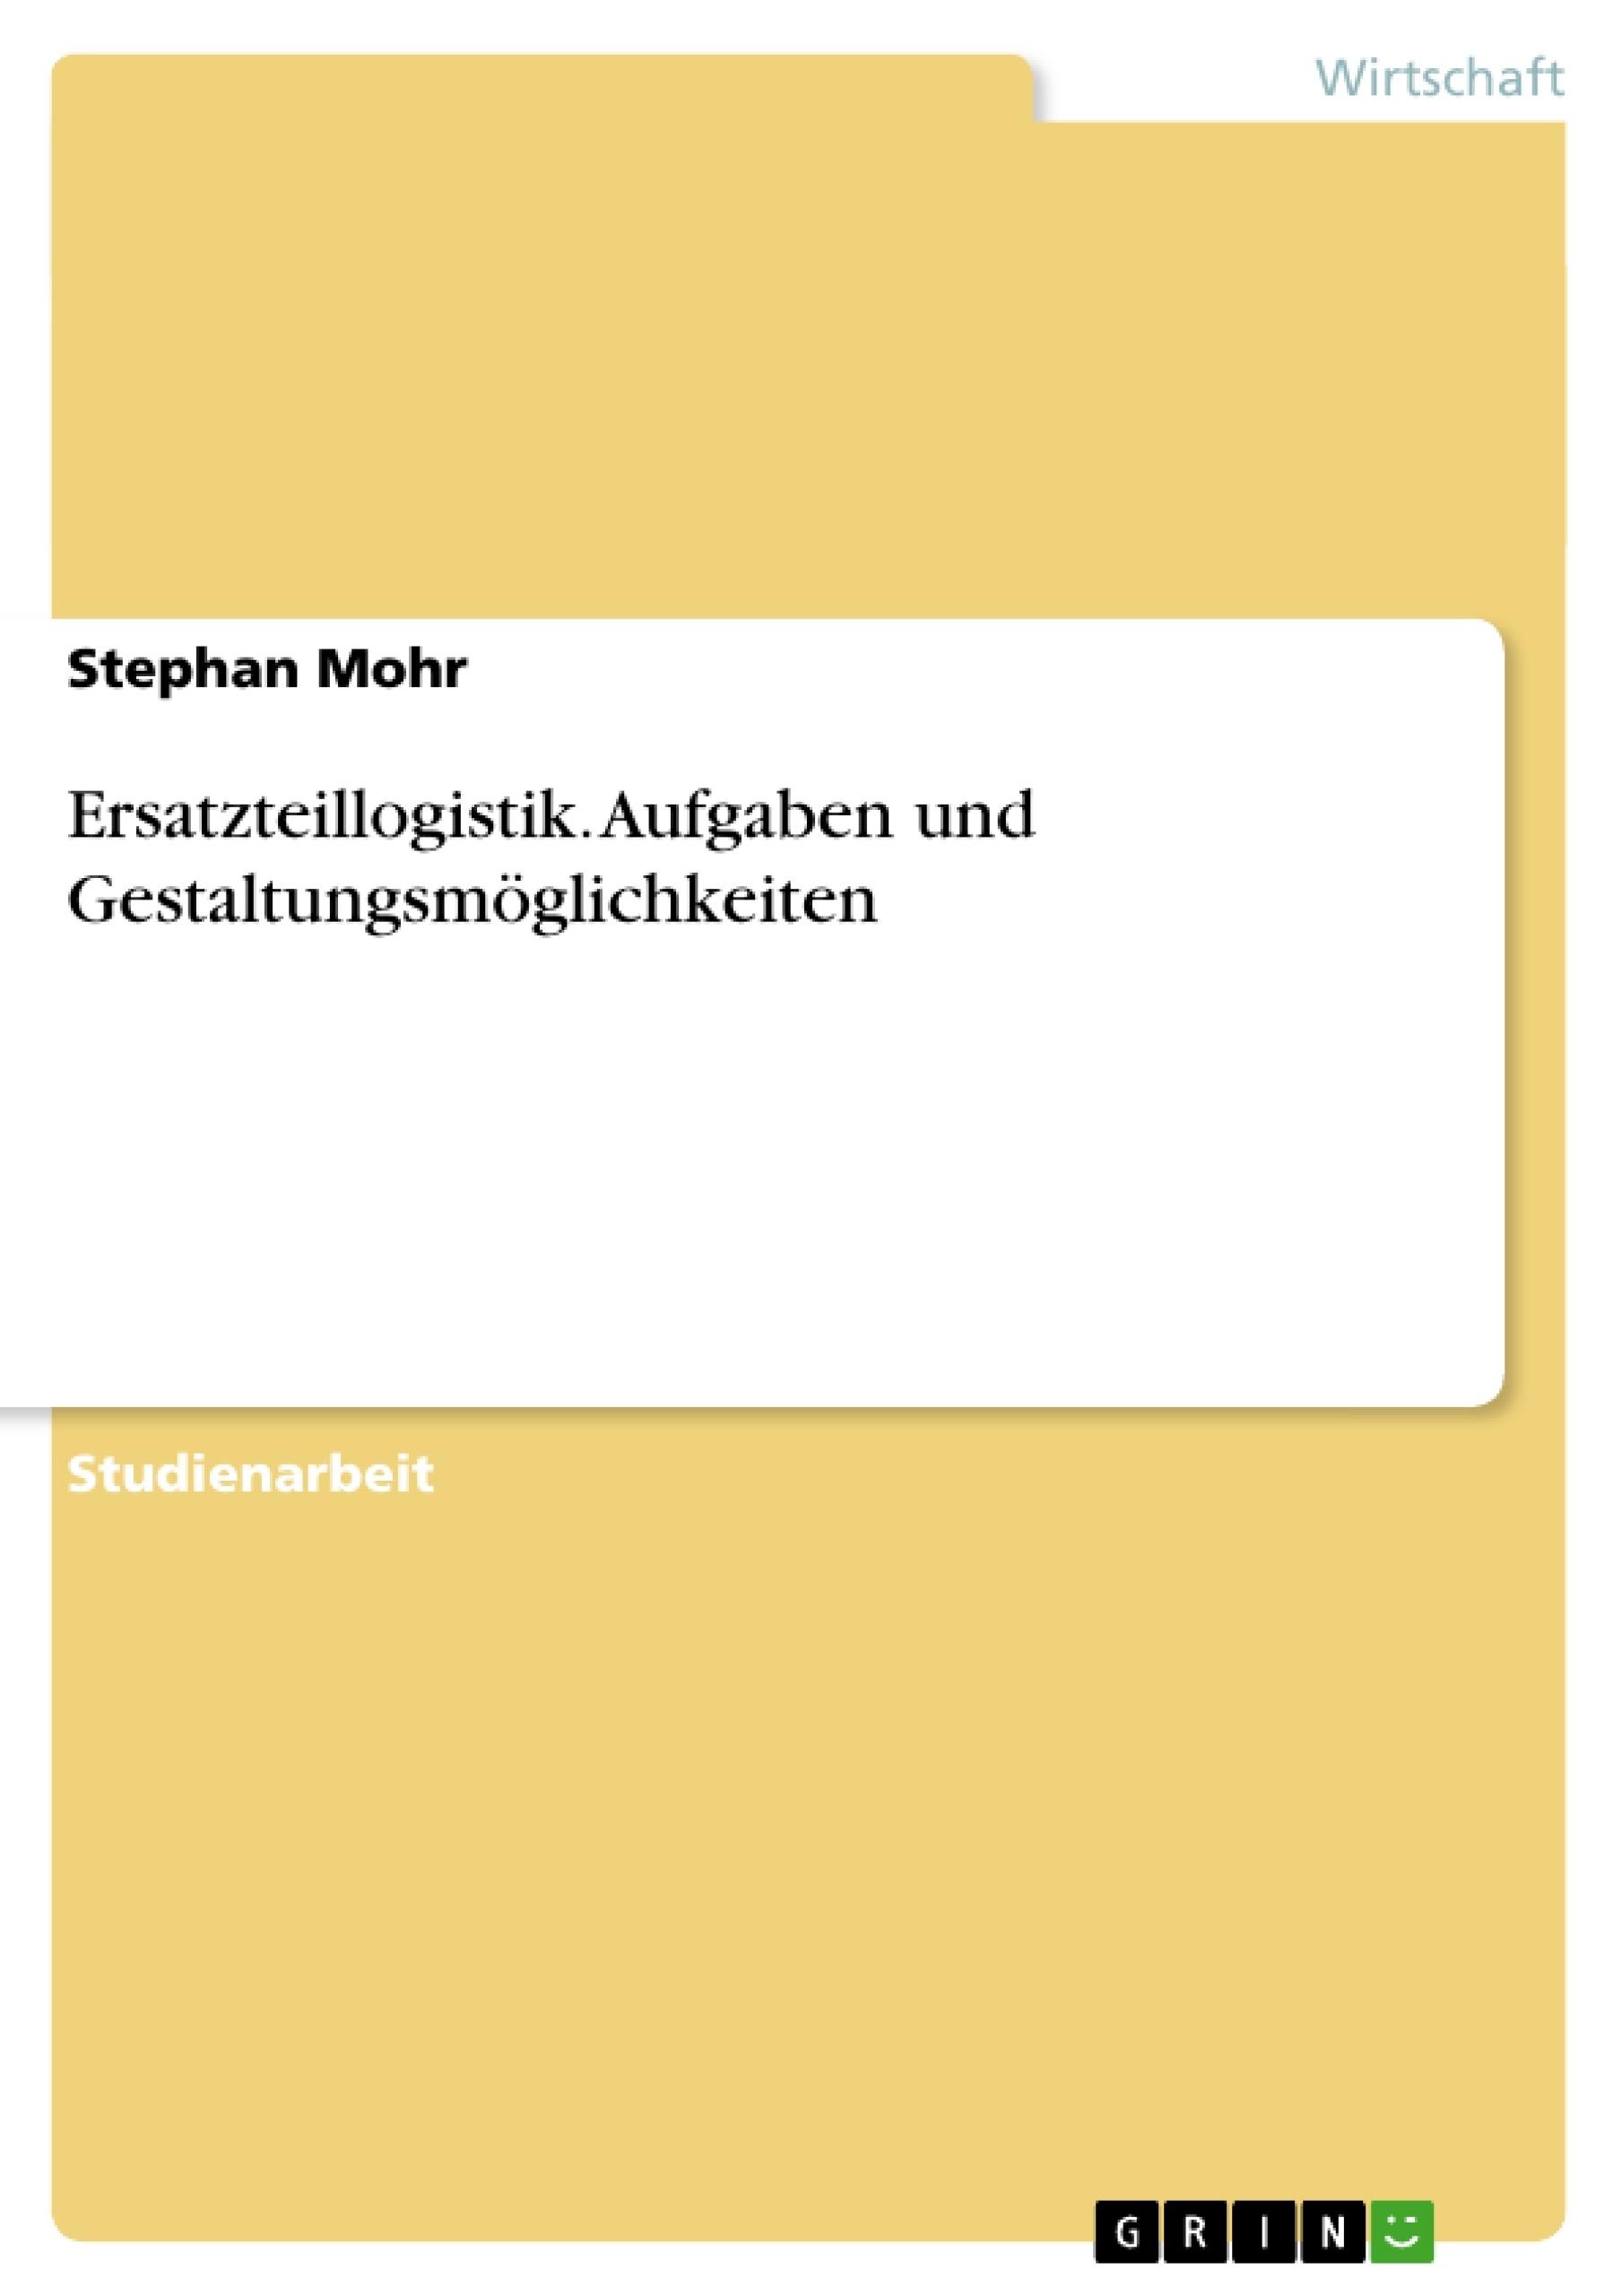 Titel: Ersatzteillogistik. Aufgaben und Gestaltungsmöglichkeiten